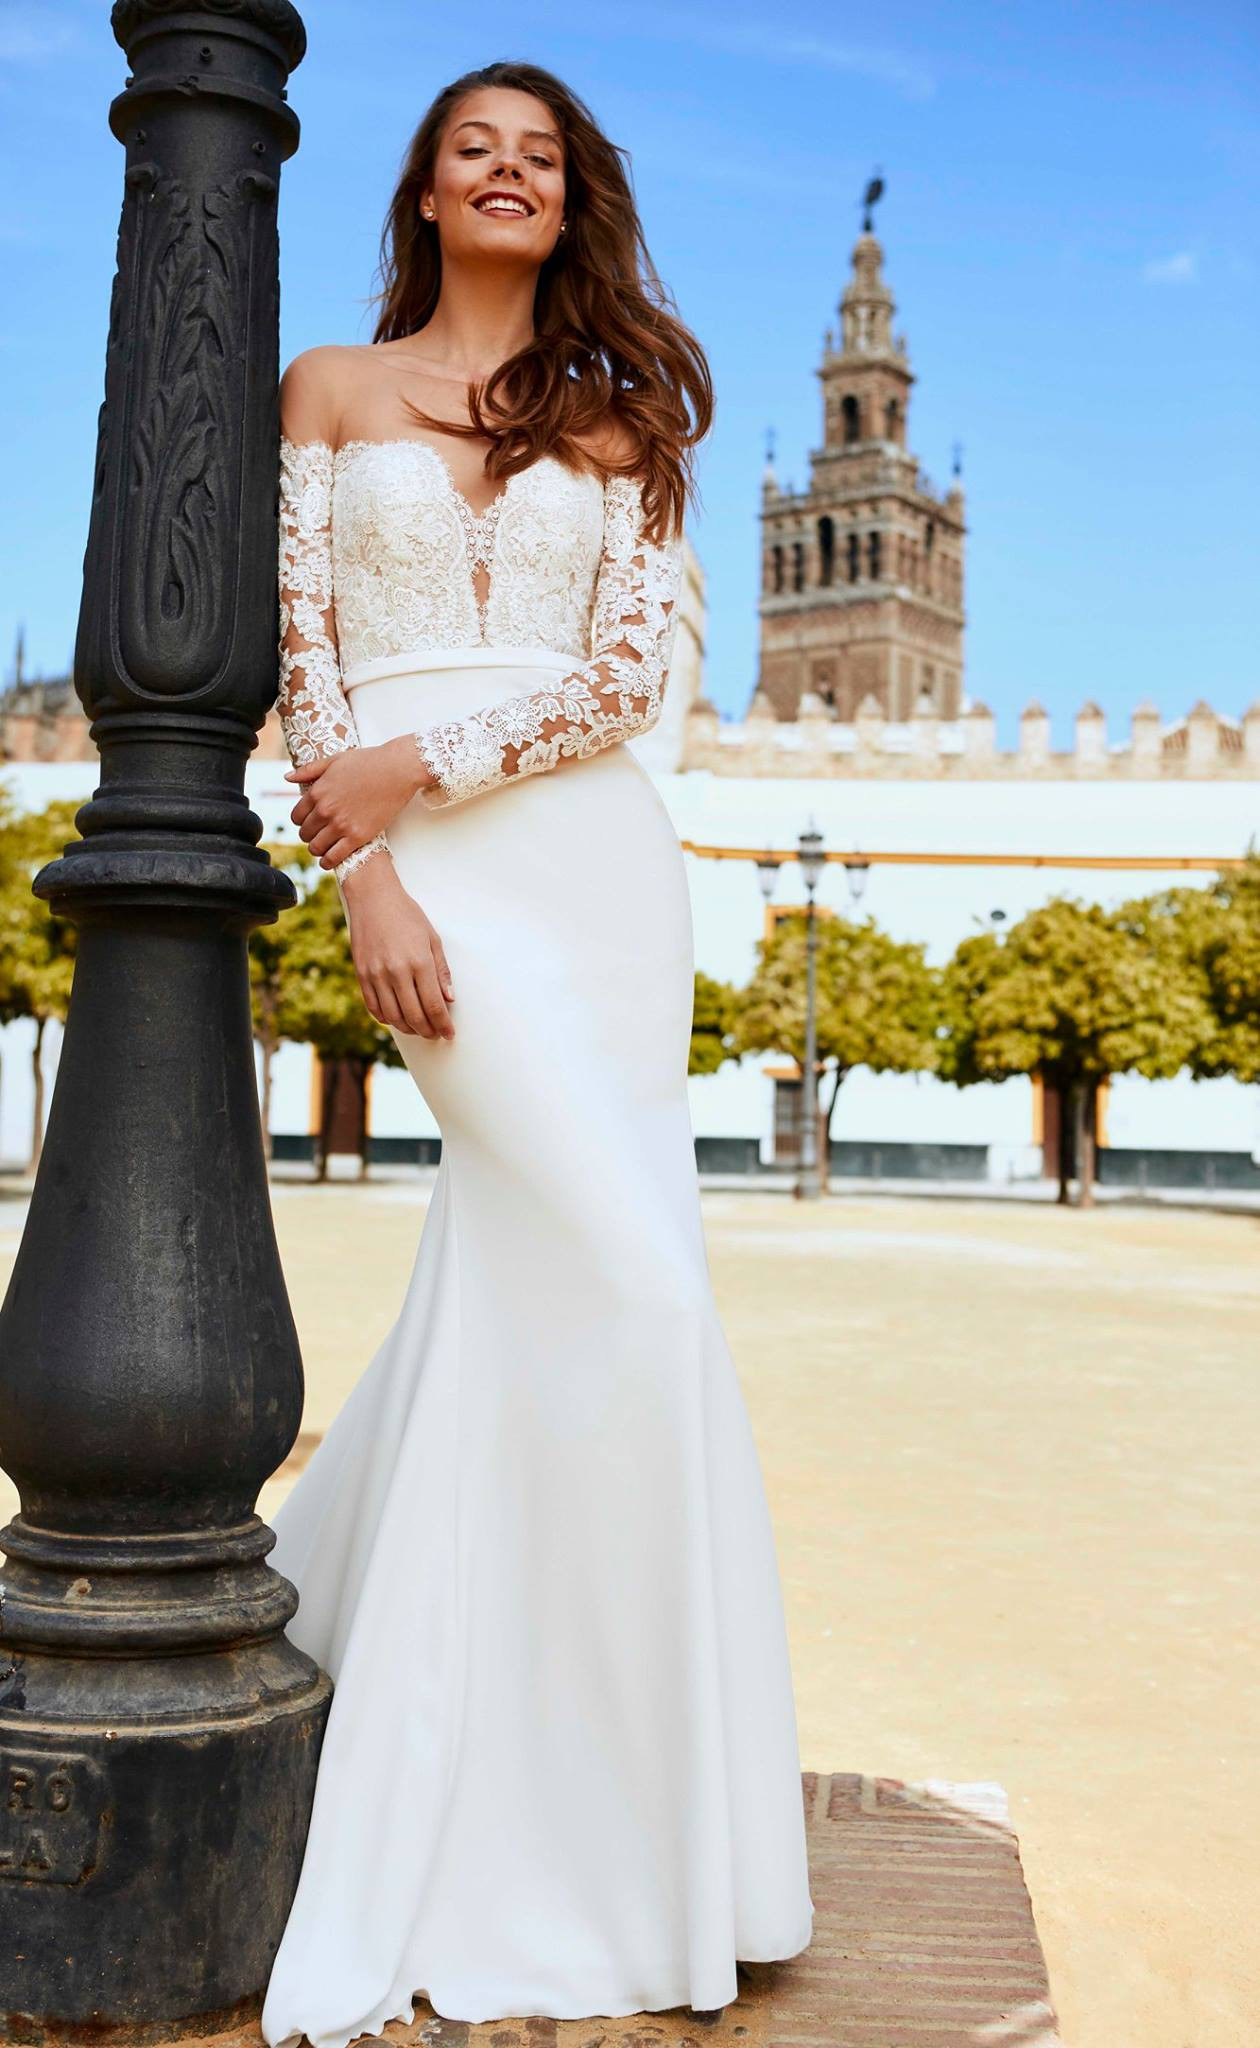 35e912a81e0e Pronovias Dracma Second Hand Wedding Dress on Sale - Stillwhite United  Kingdom